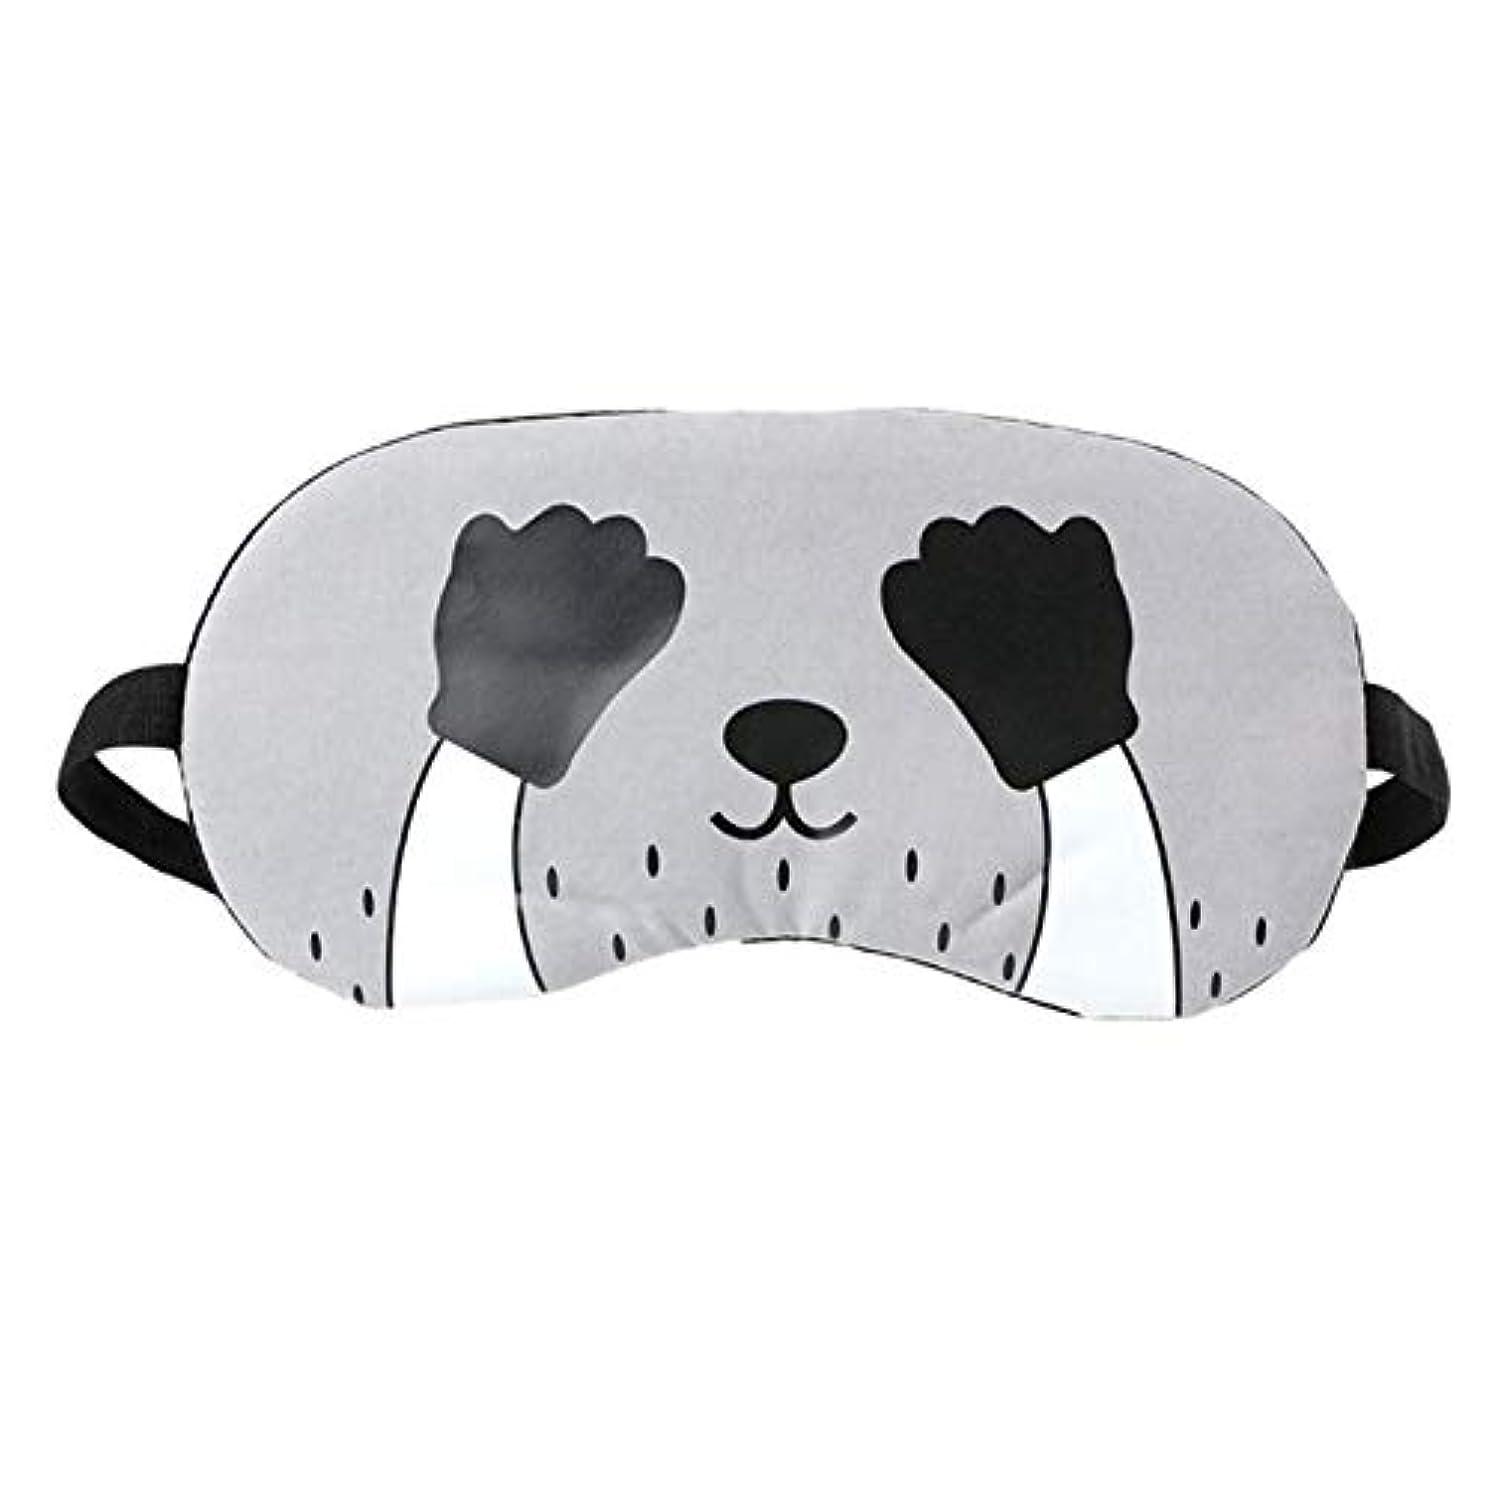 イディオムスリーブ実験室NOTE 1ピース睡眠アイマスクかわいい漫画アイス圧縮印刷アイパッチ目隠し睡眠マスク用ニップ睡眠旅行